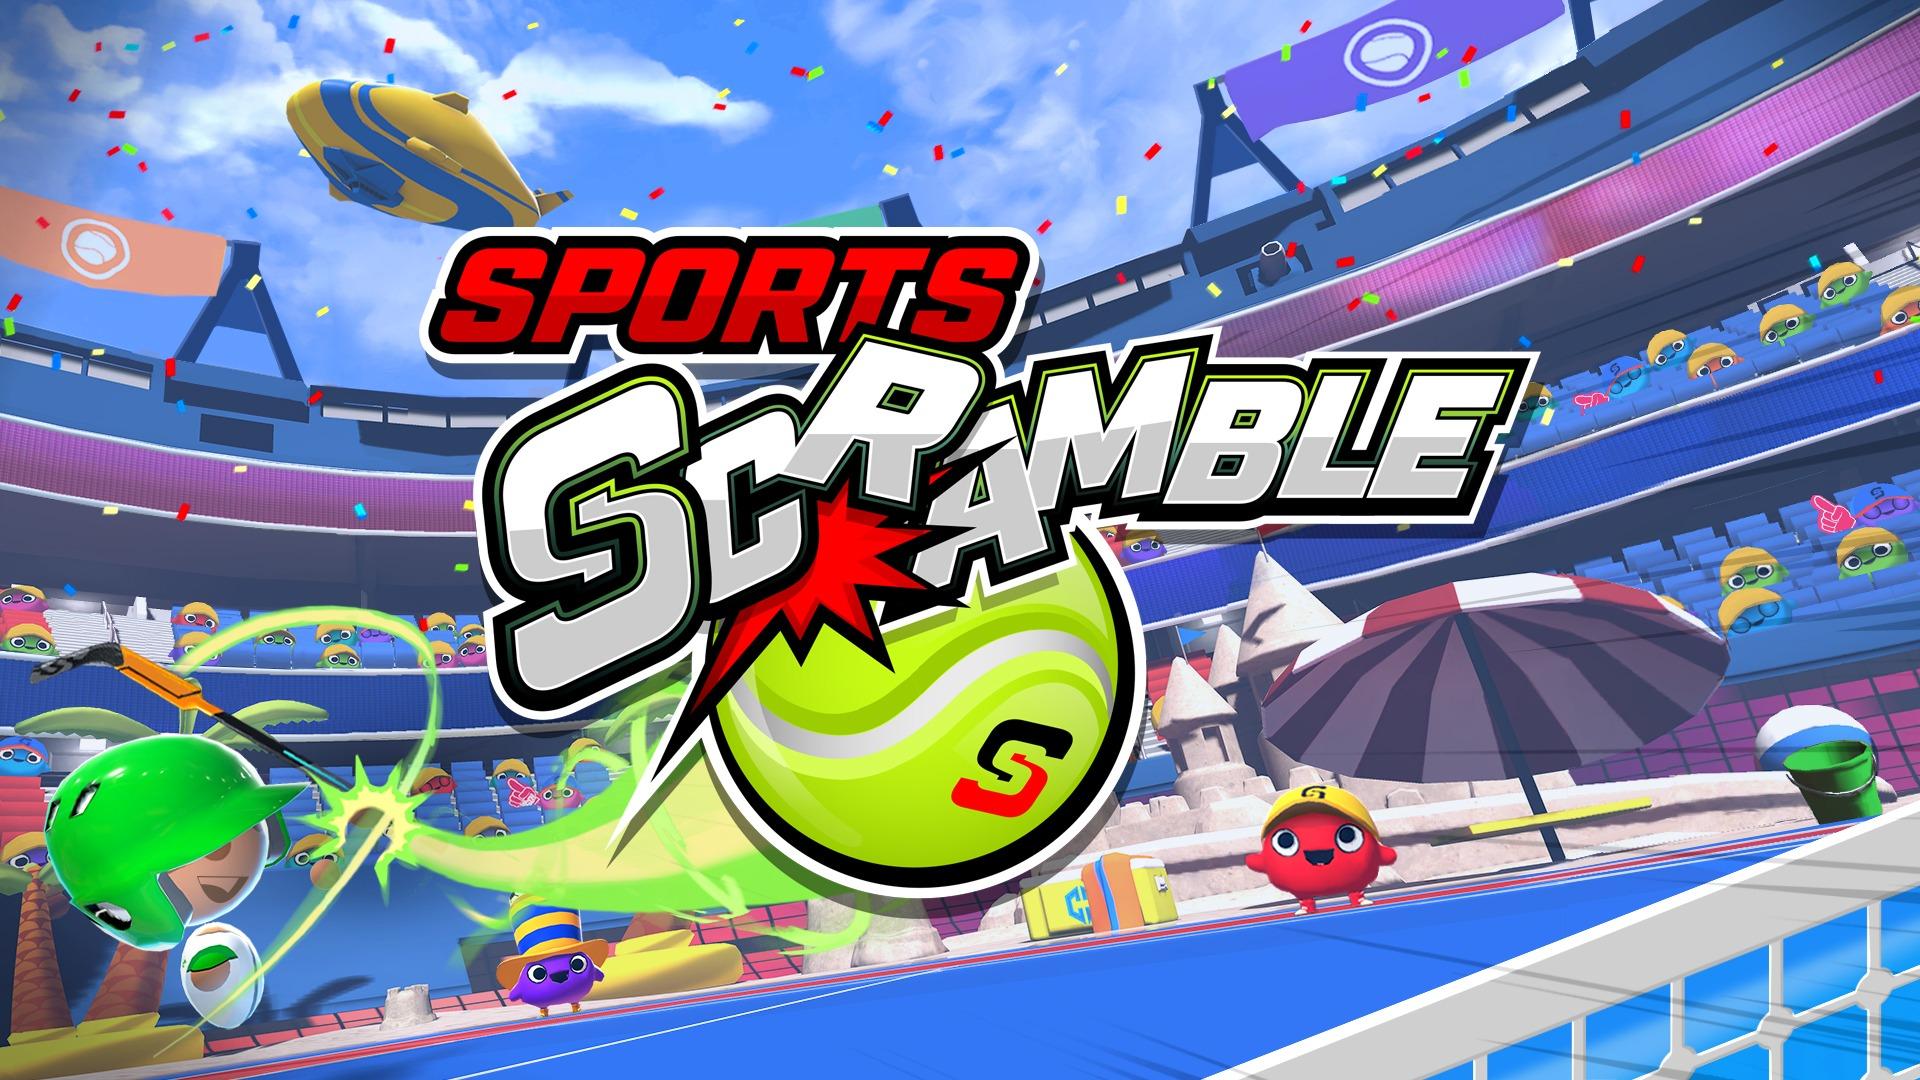 Sports Scramble Bemutató